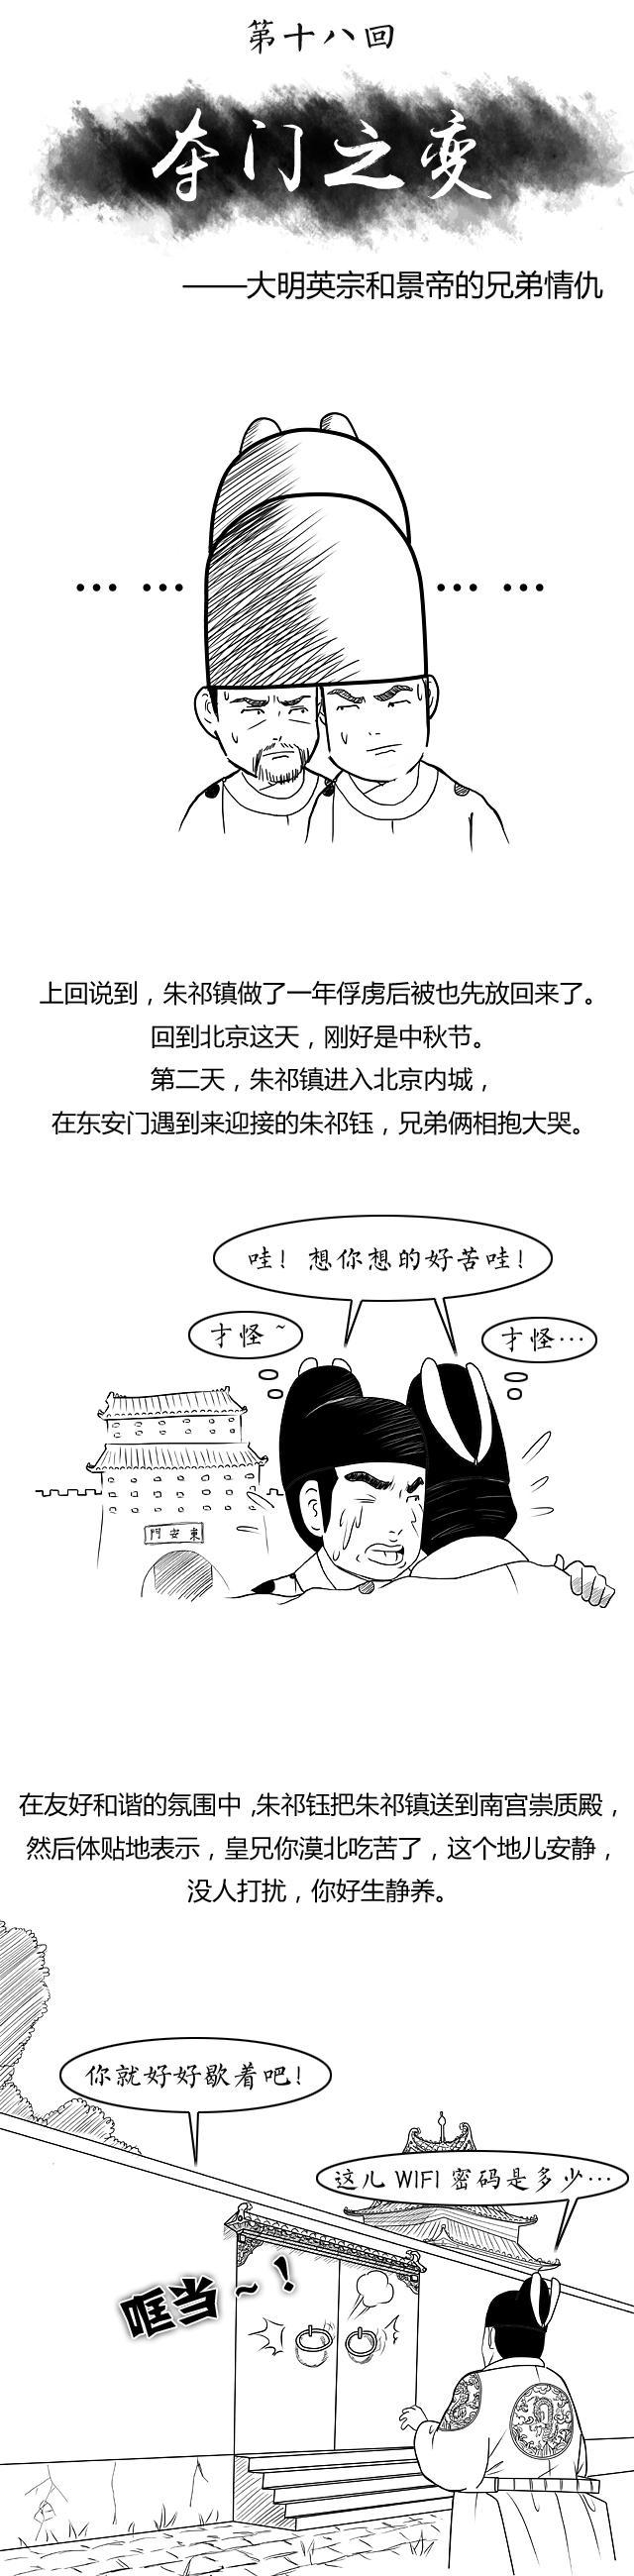 【历史大爆炸】八一八夺门之变